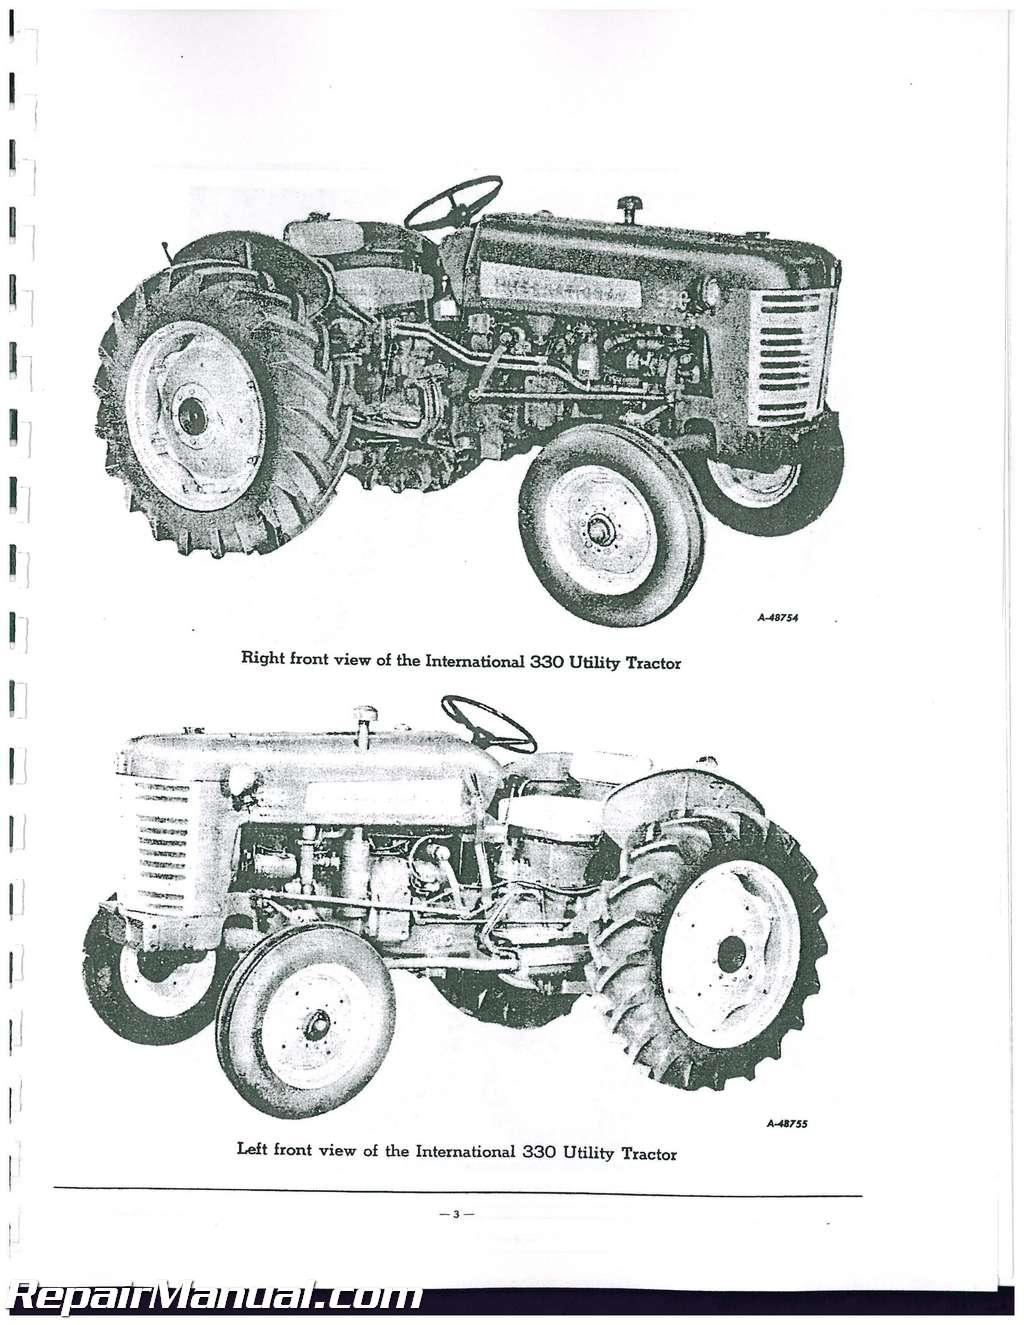 international harvester farmall 340 parts manual rh repairmanual com International 340 International 340